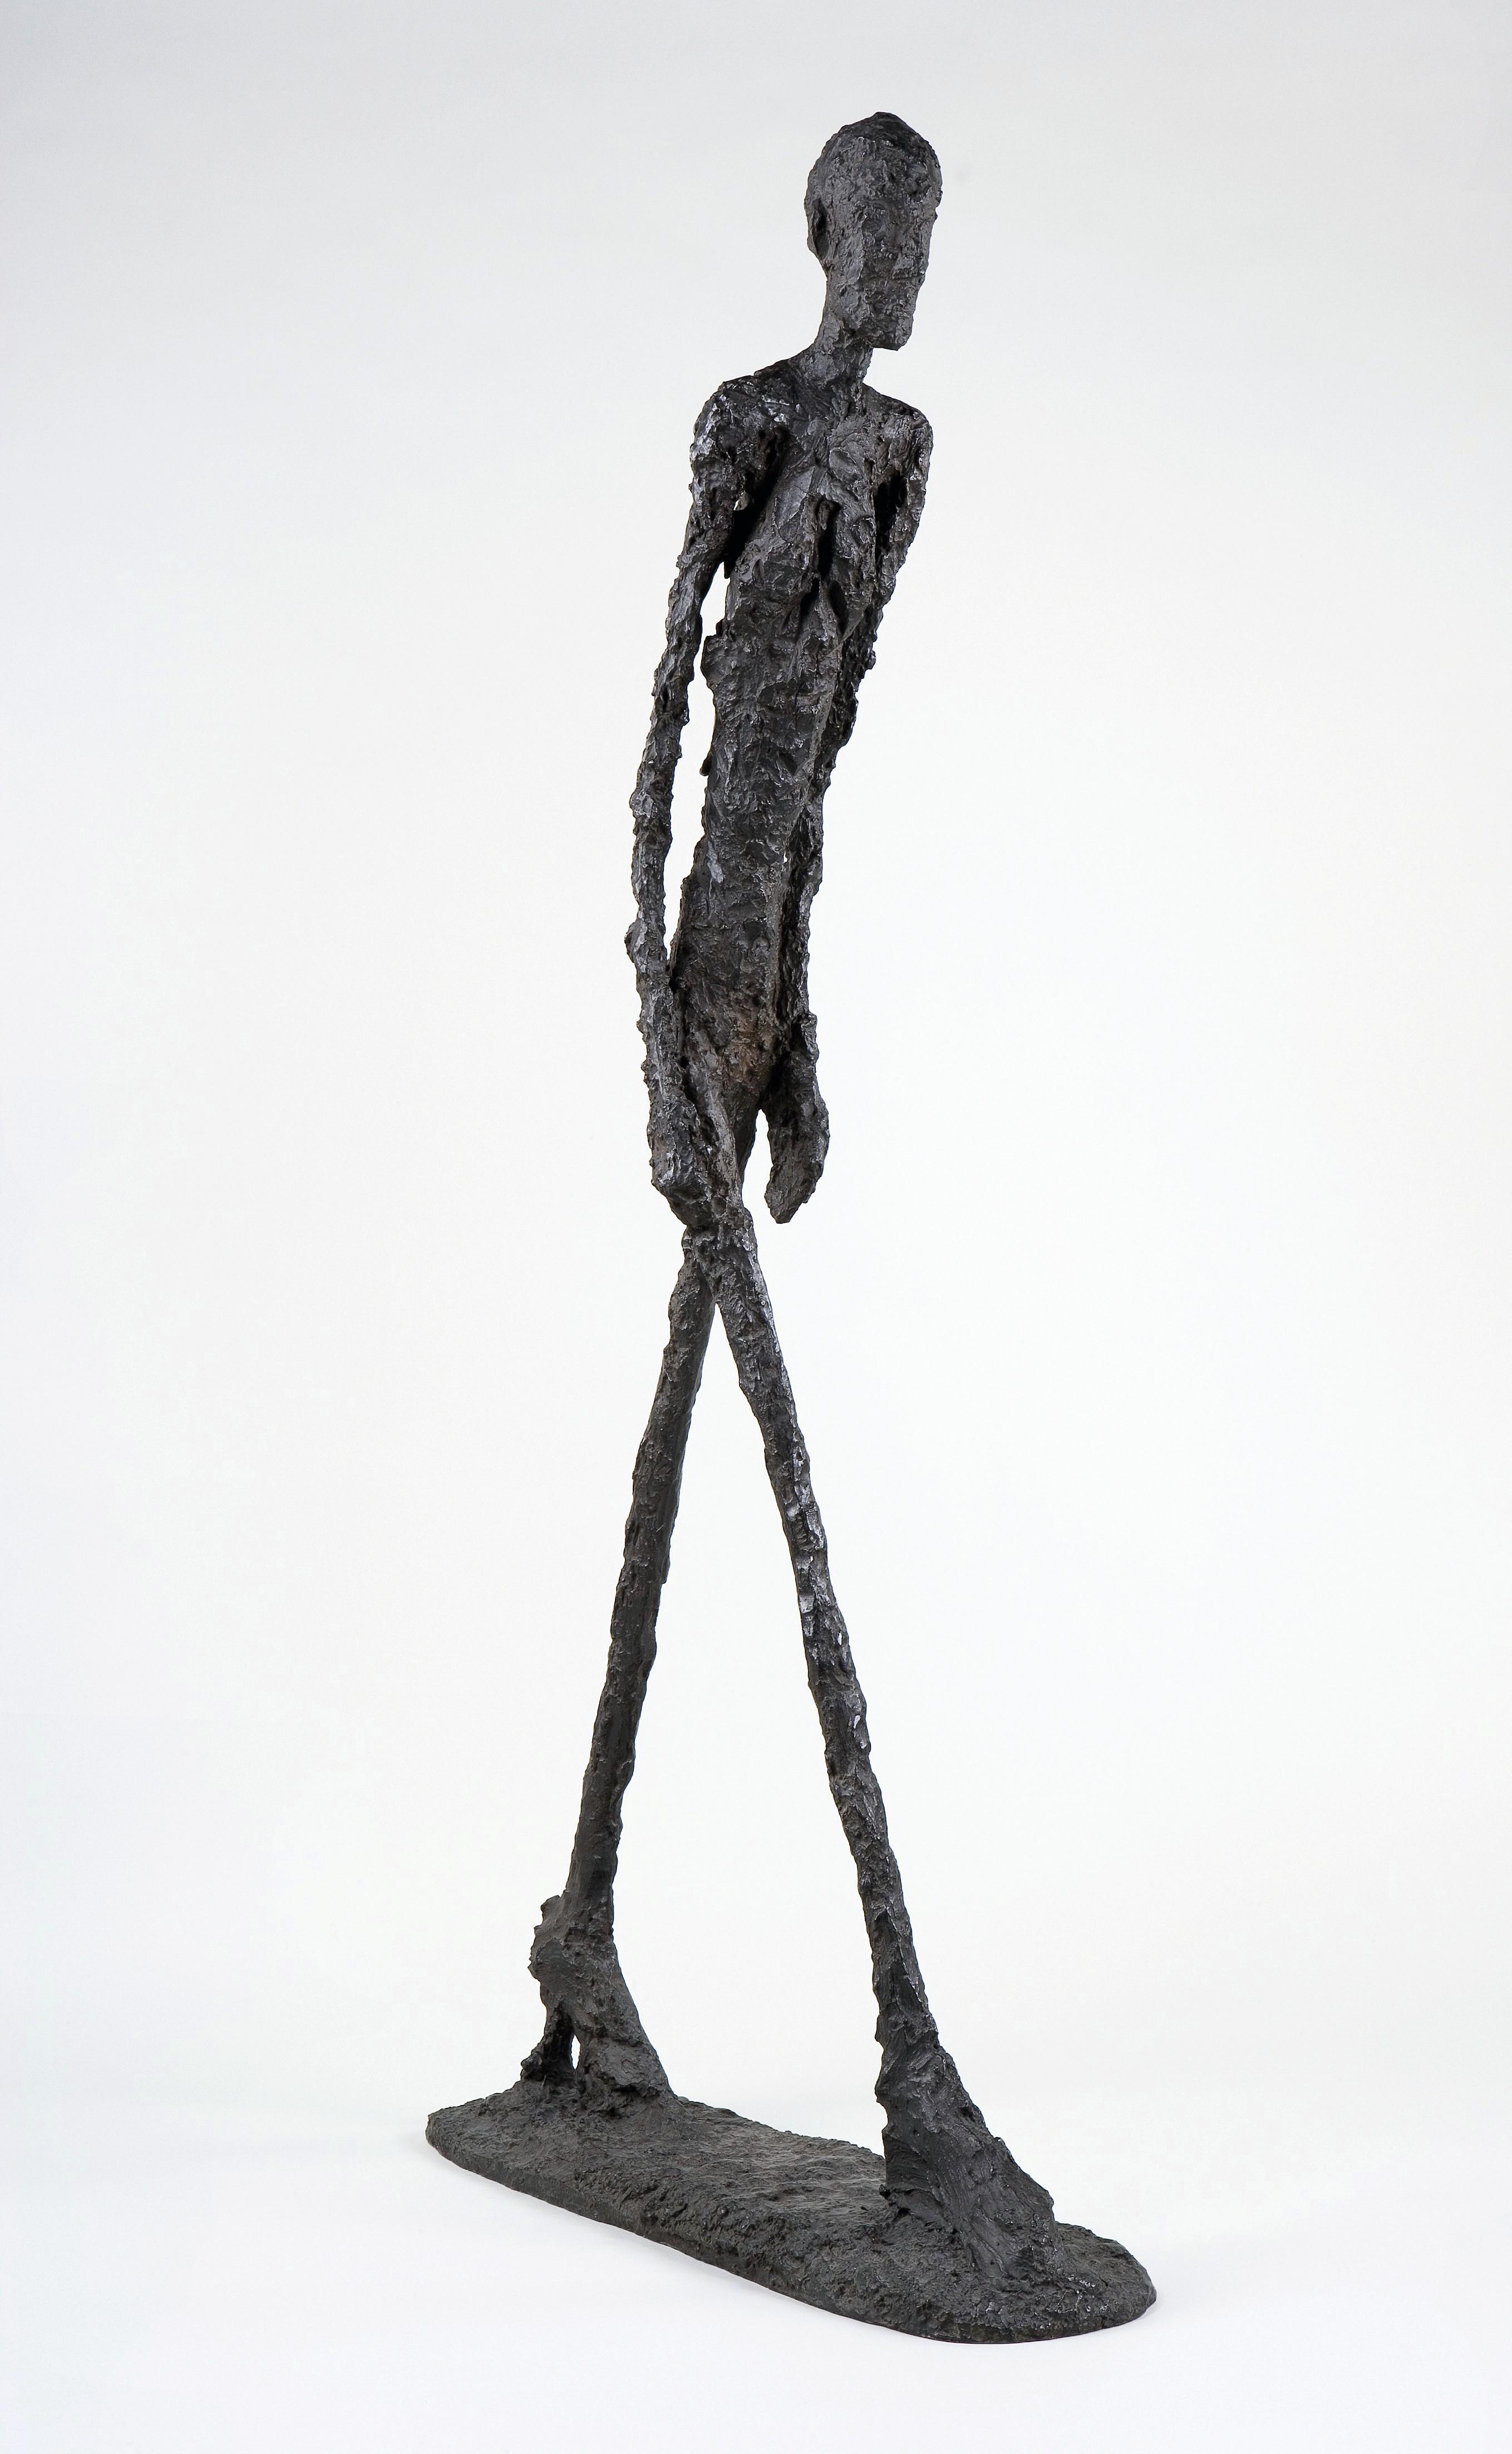 Alberto Giacometti, L'Homme qui marche, 1960, bronze, 183 cm.